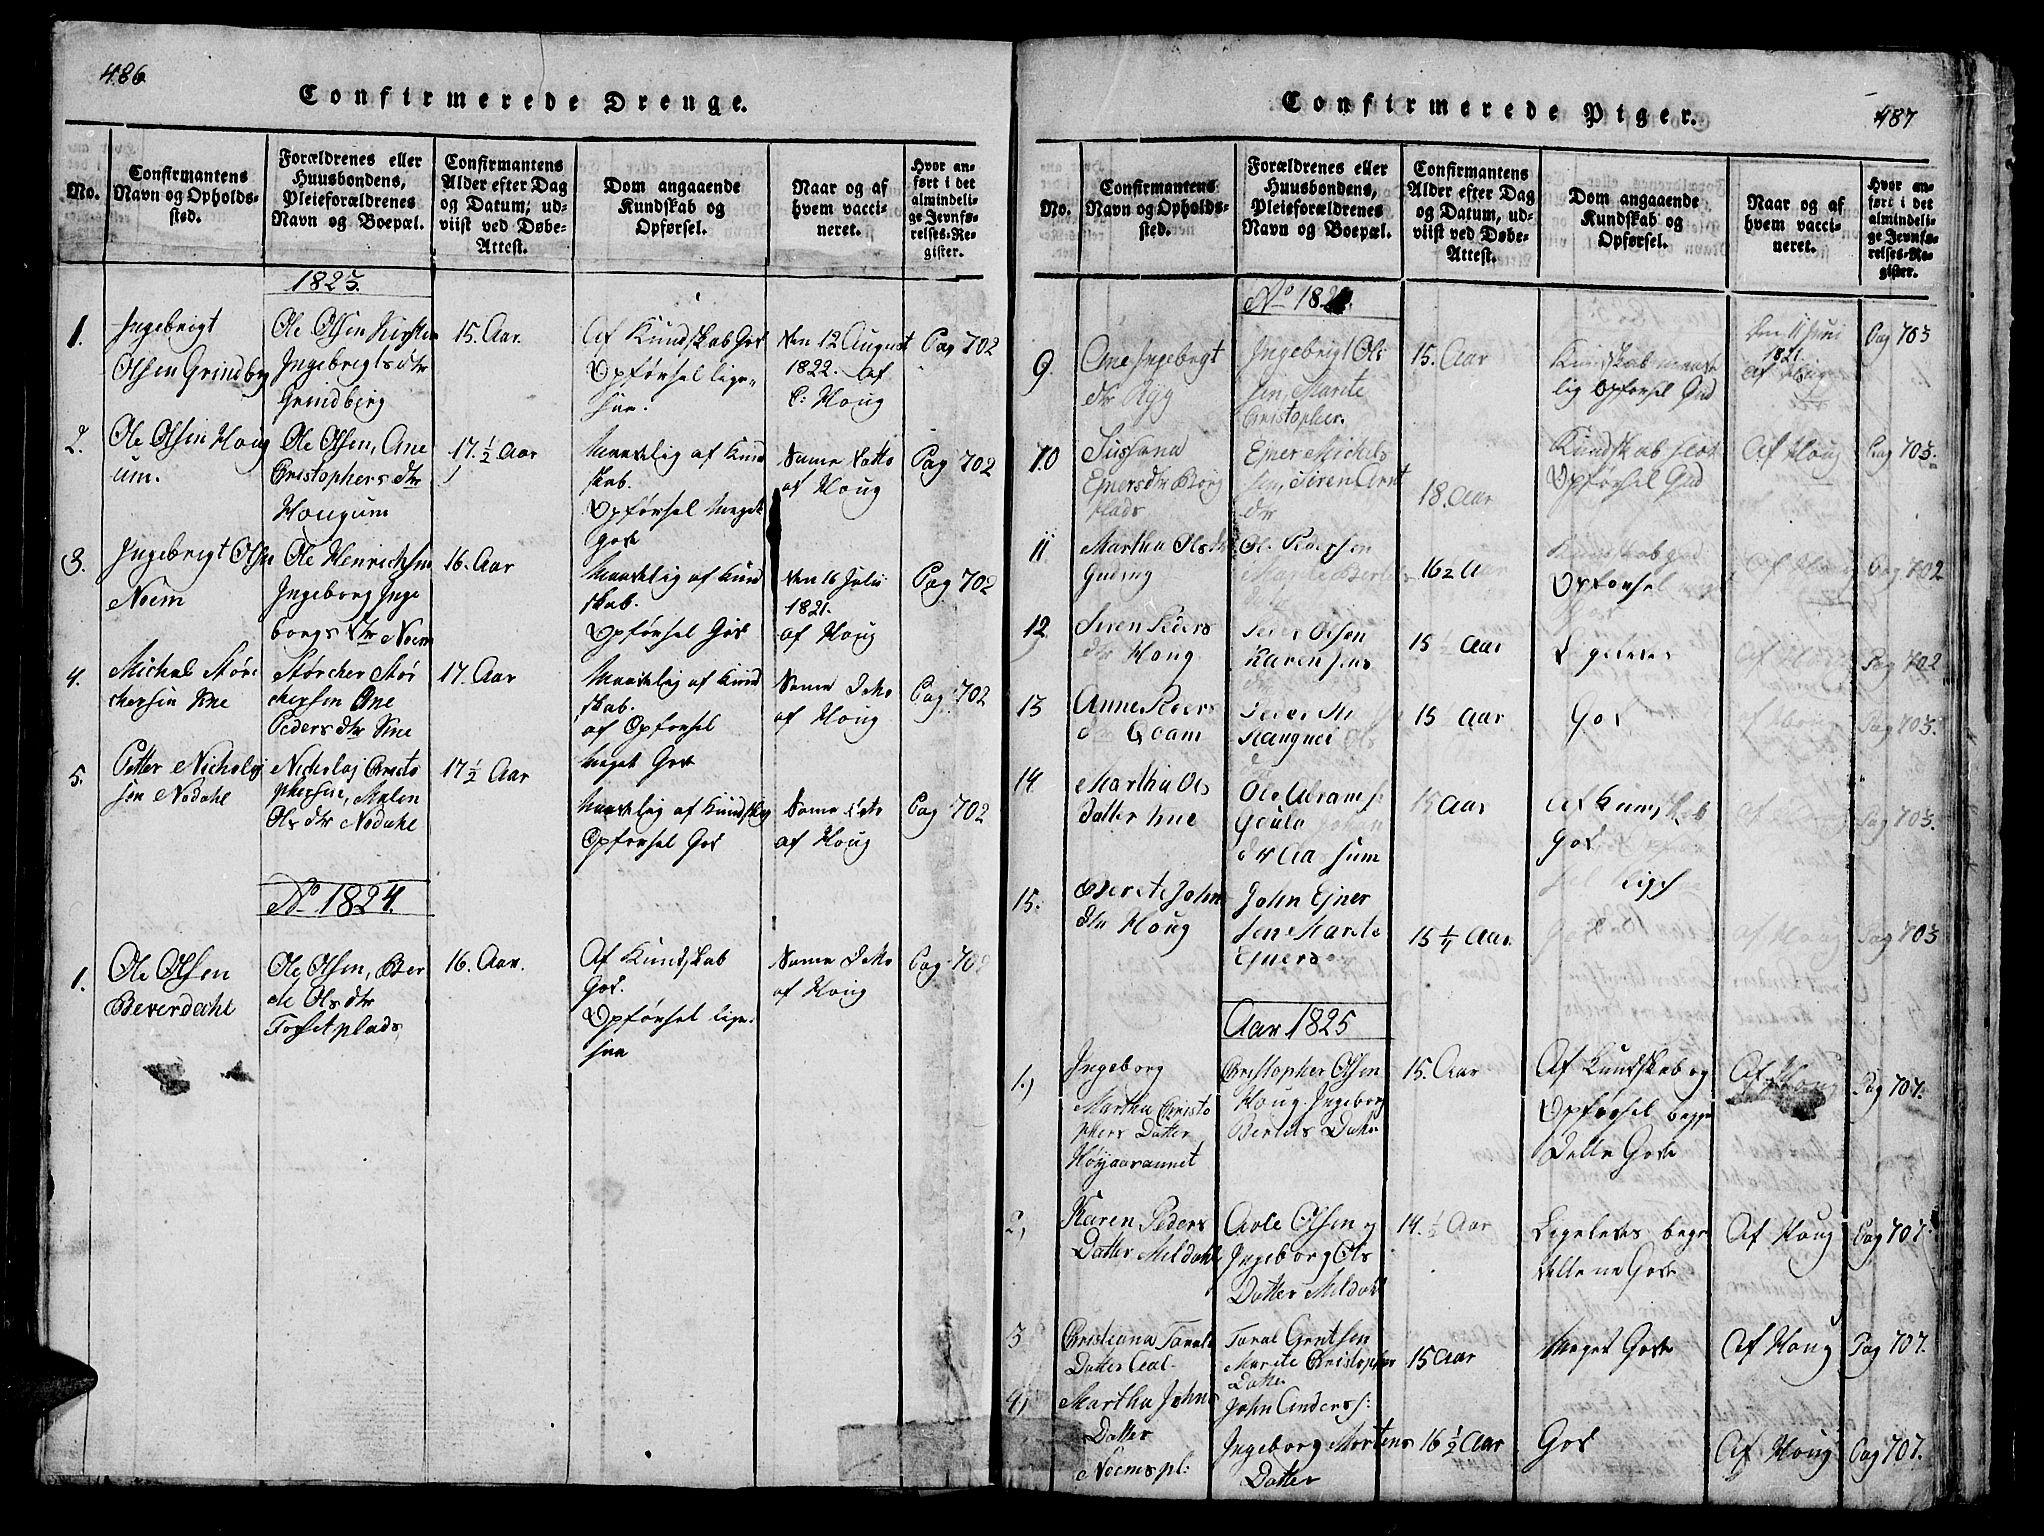 SAT, Ministerialprotokoller, klokkerbøker og fødselsregistre - Nord-Trøndelag, 747/L0459: Klokkerbok nr. 747C01, 1816-1842, s. 486-487